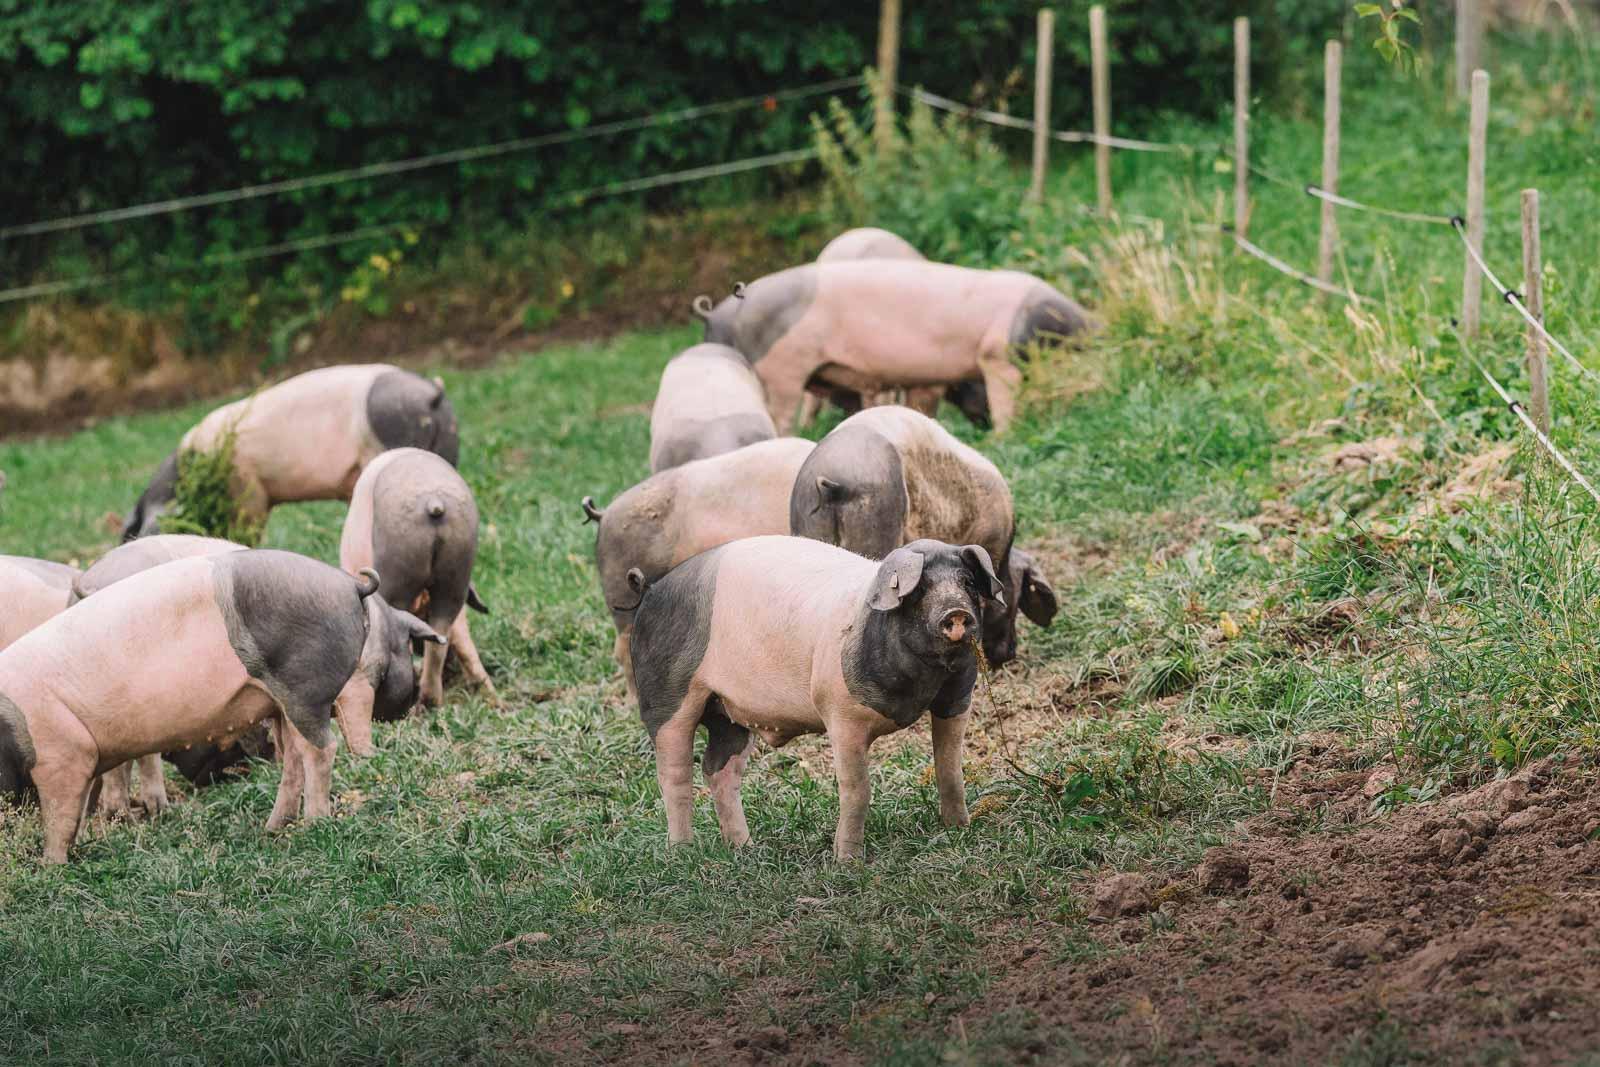 viele Schweine auf der Weide